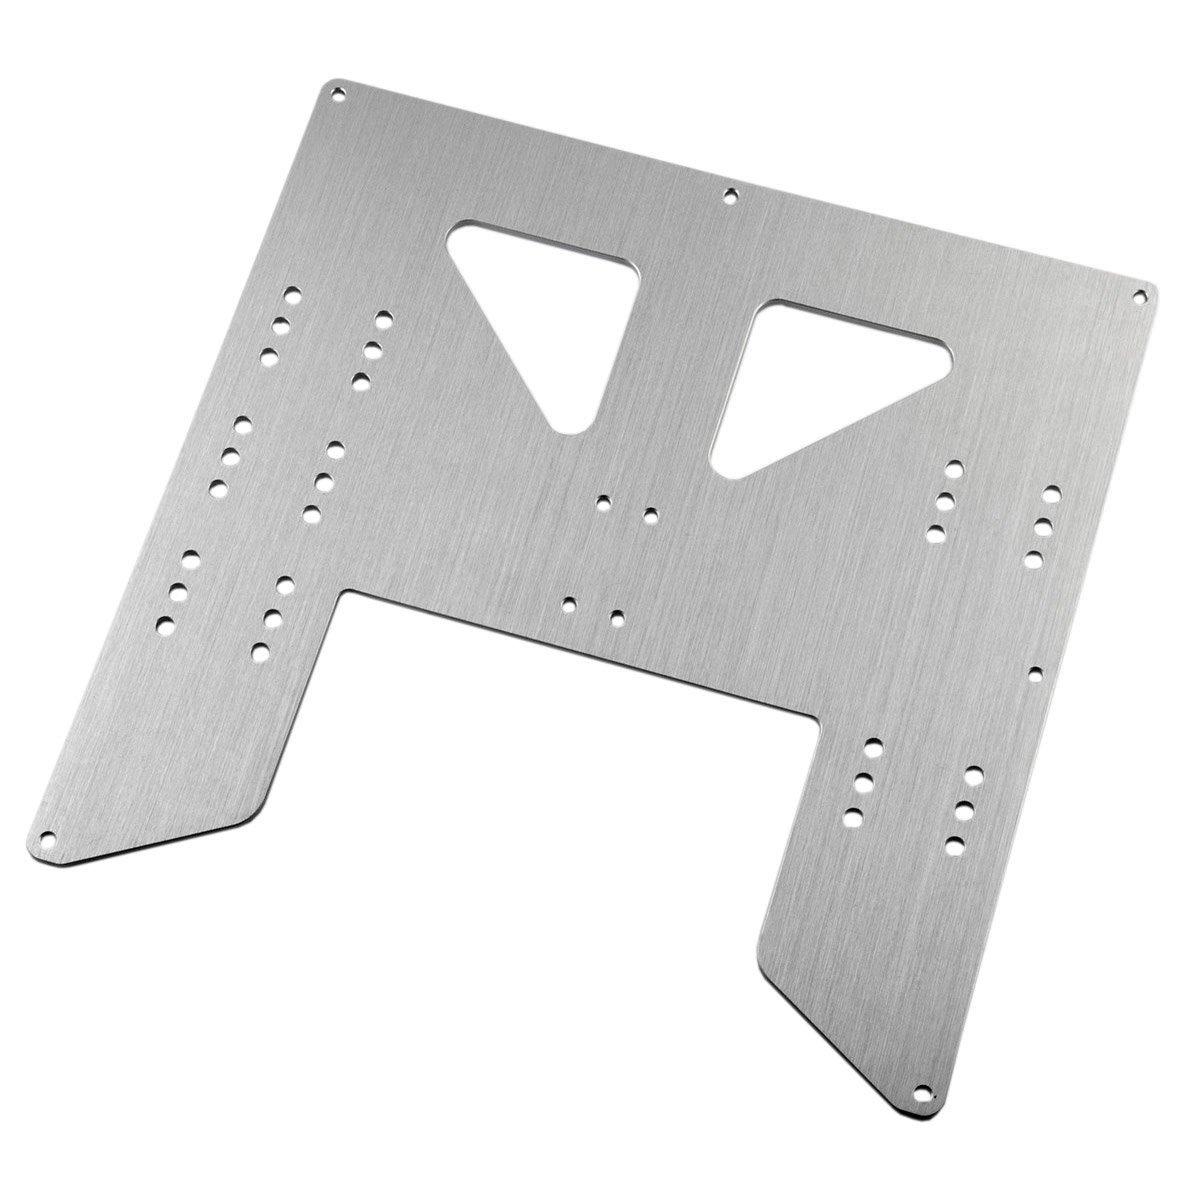 [Gulfcoast Robotics] Aluminum Y Carriage Plate Upgrade for Anet A8 3D Printer PYP5